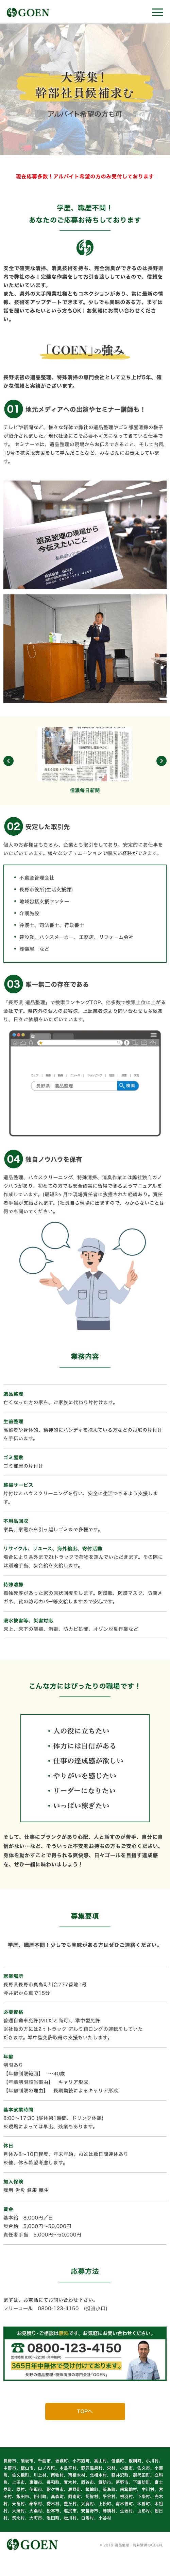 株式会社GOEN 採用ページspイメージ